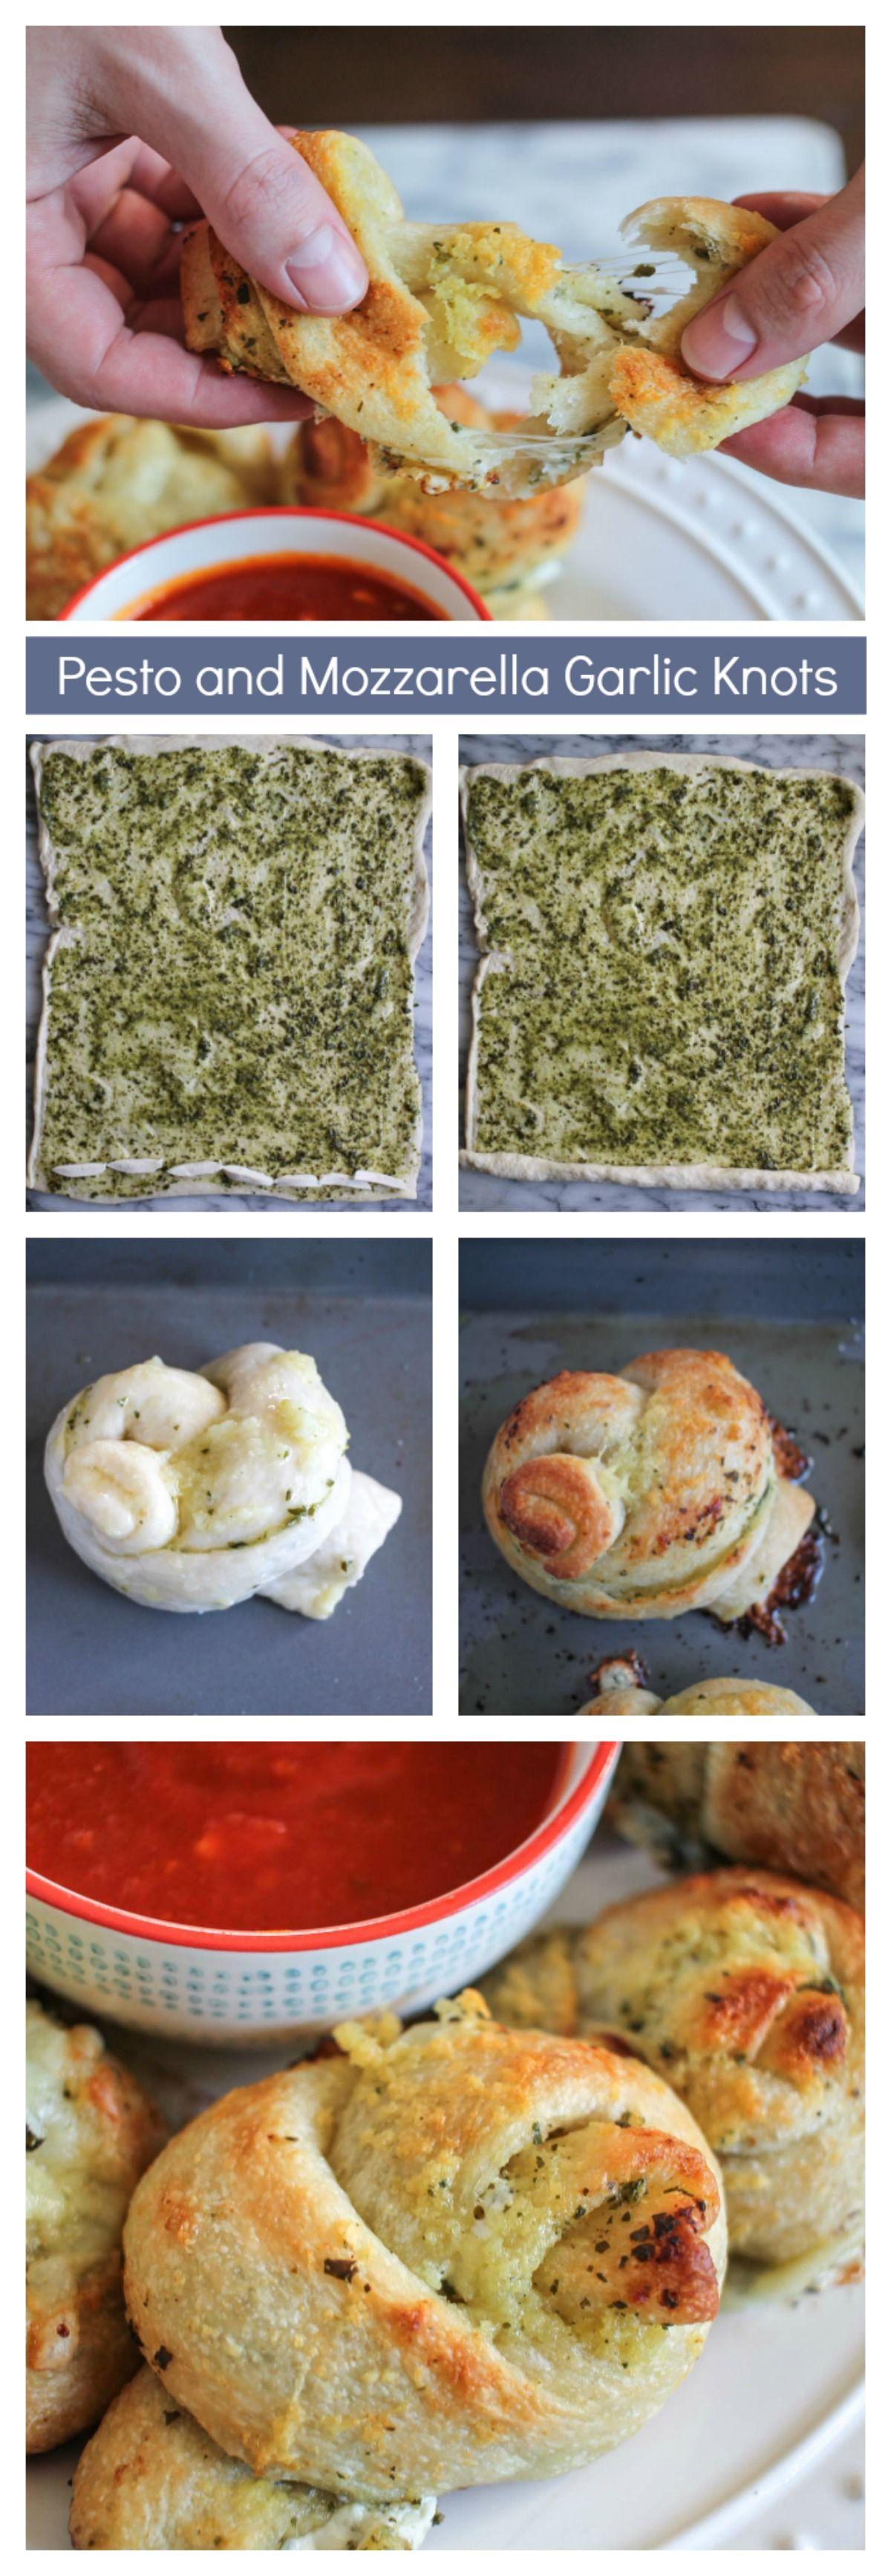 Pesto and Mozzarella Stuffed Garlic Knots